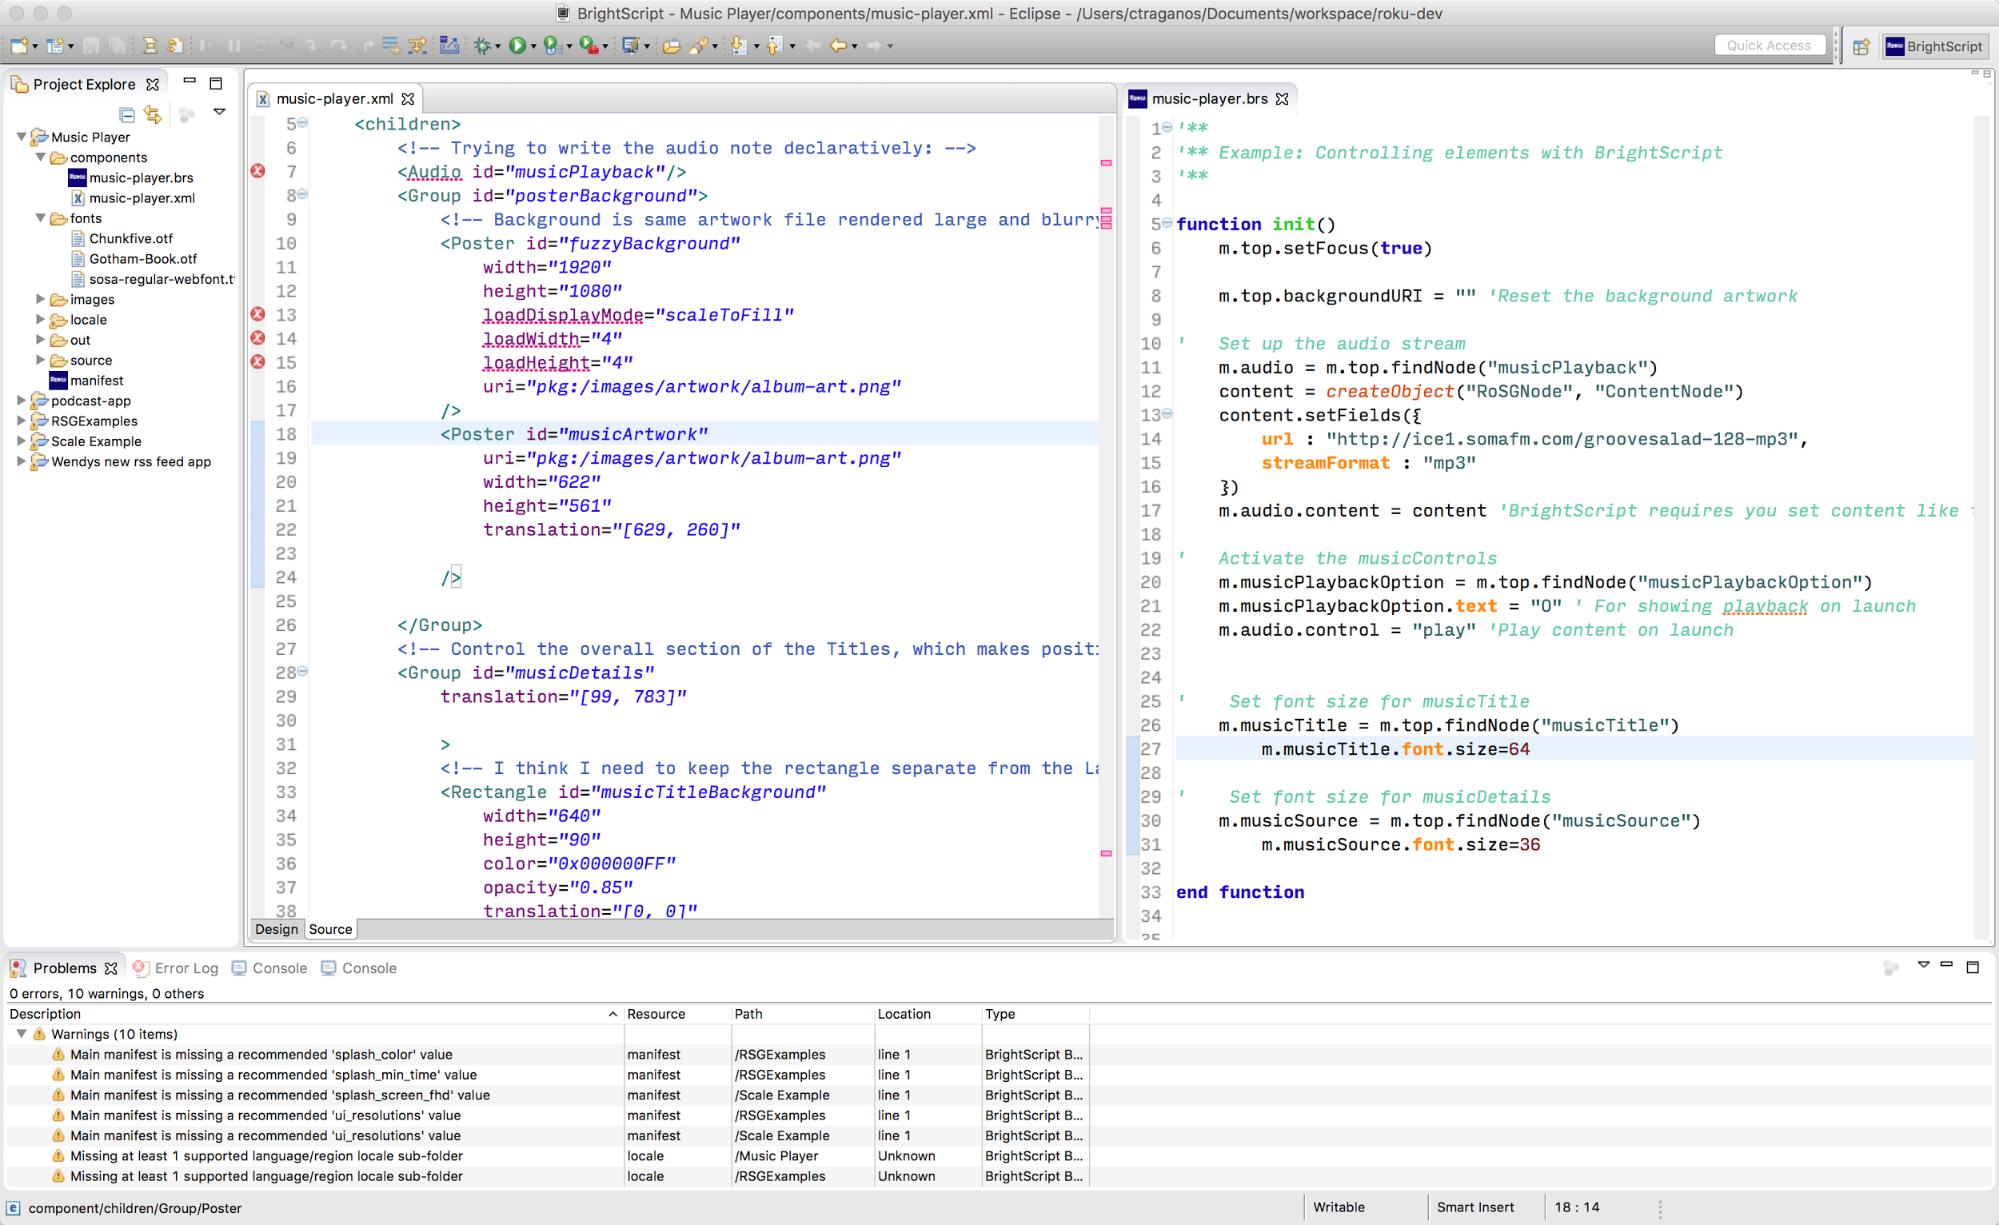 Roku Developer | Documentation | Overview